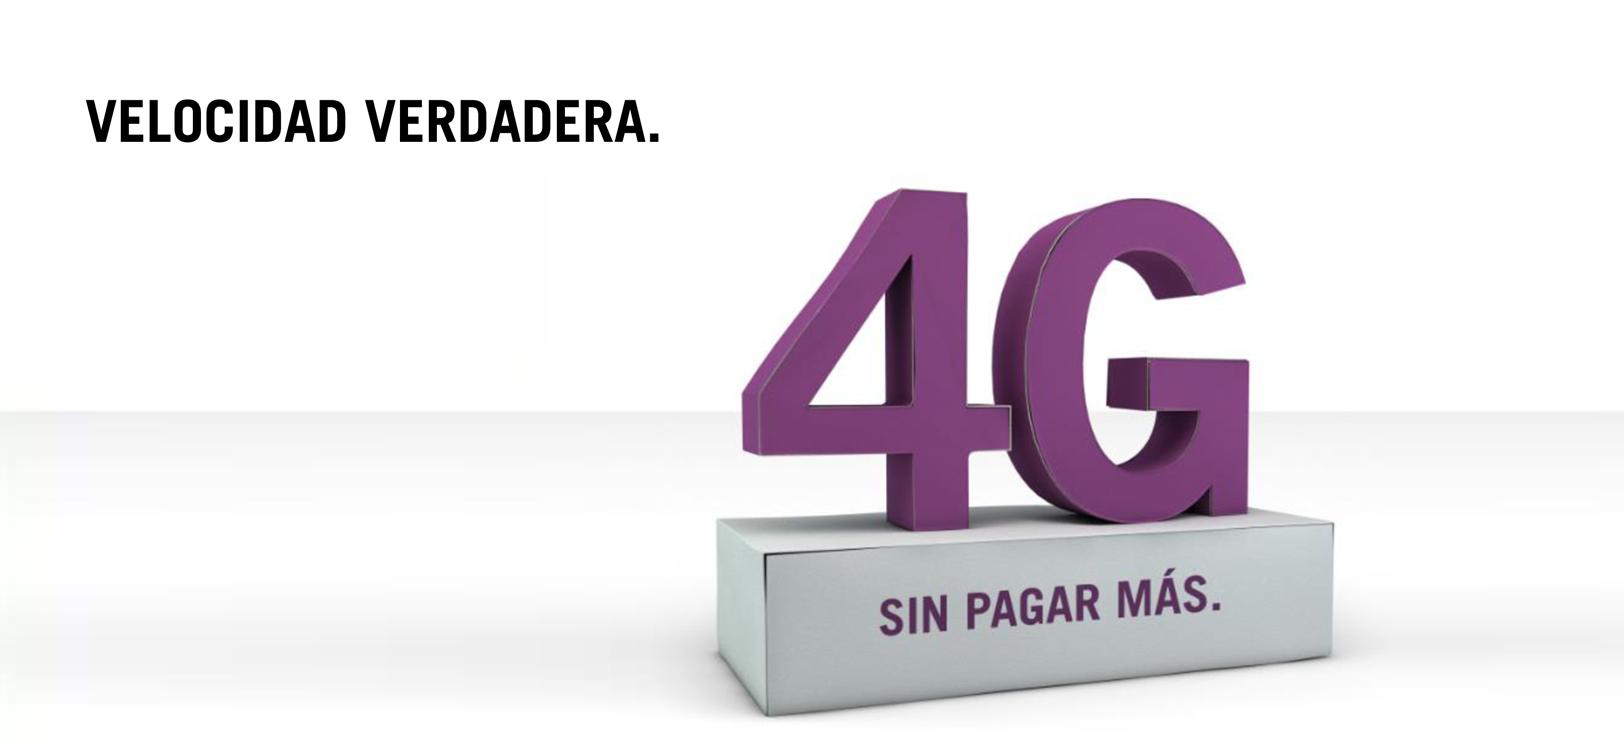 Los Clientes de Yoigo ya cuentan con servicio 4G en el extranjero